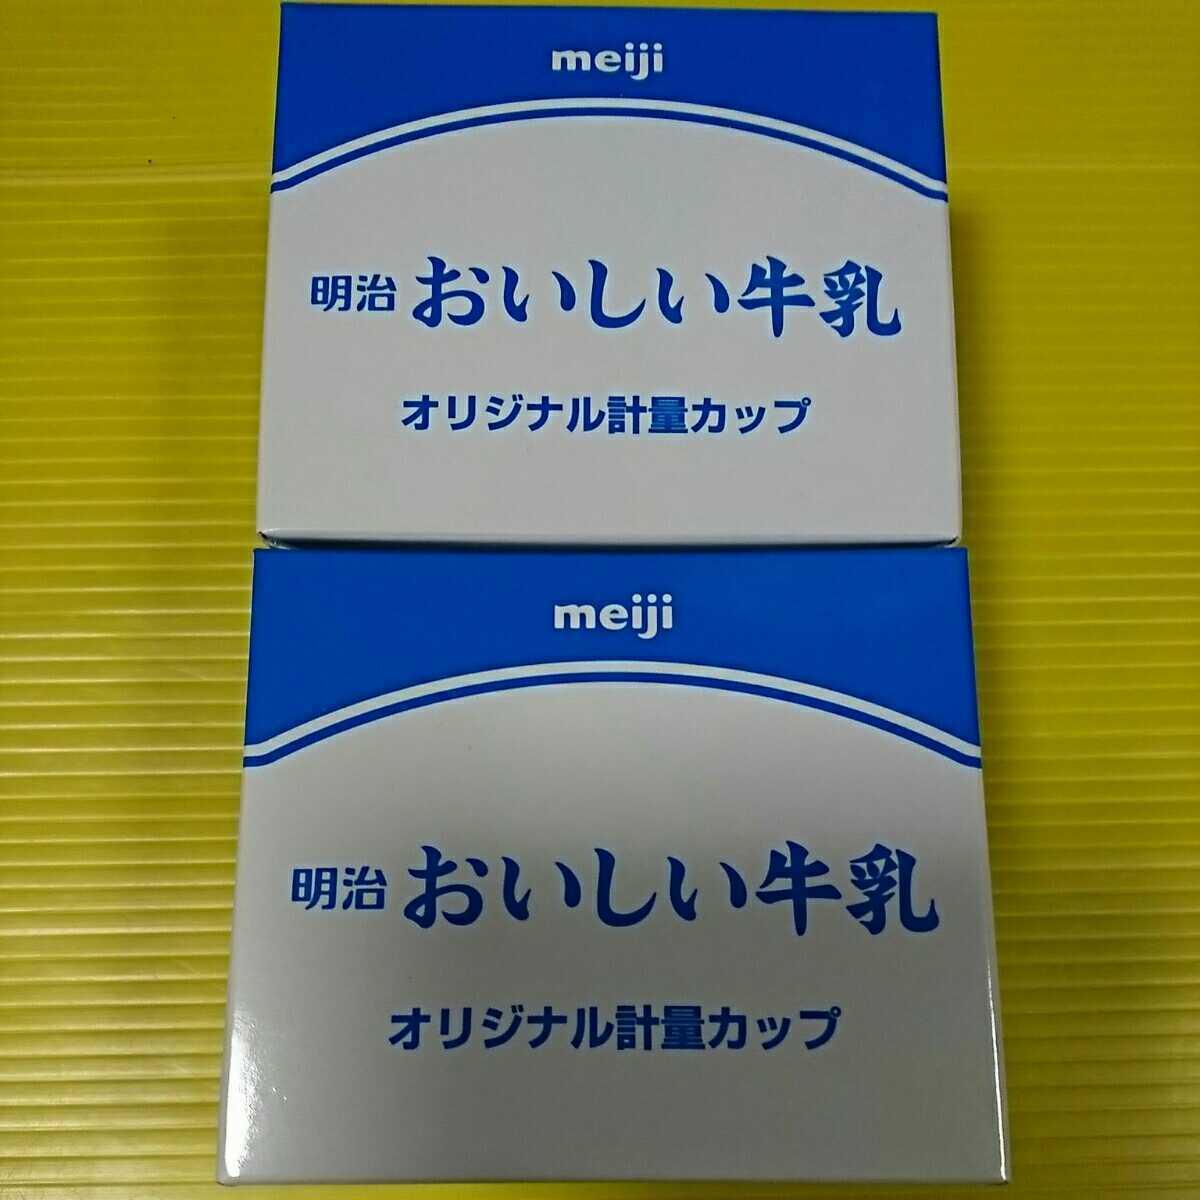 明治おいしい牛乳オリジナル軽量カップ!(2個セット!)